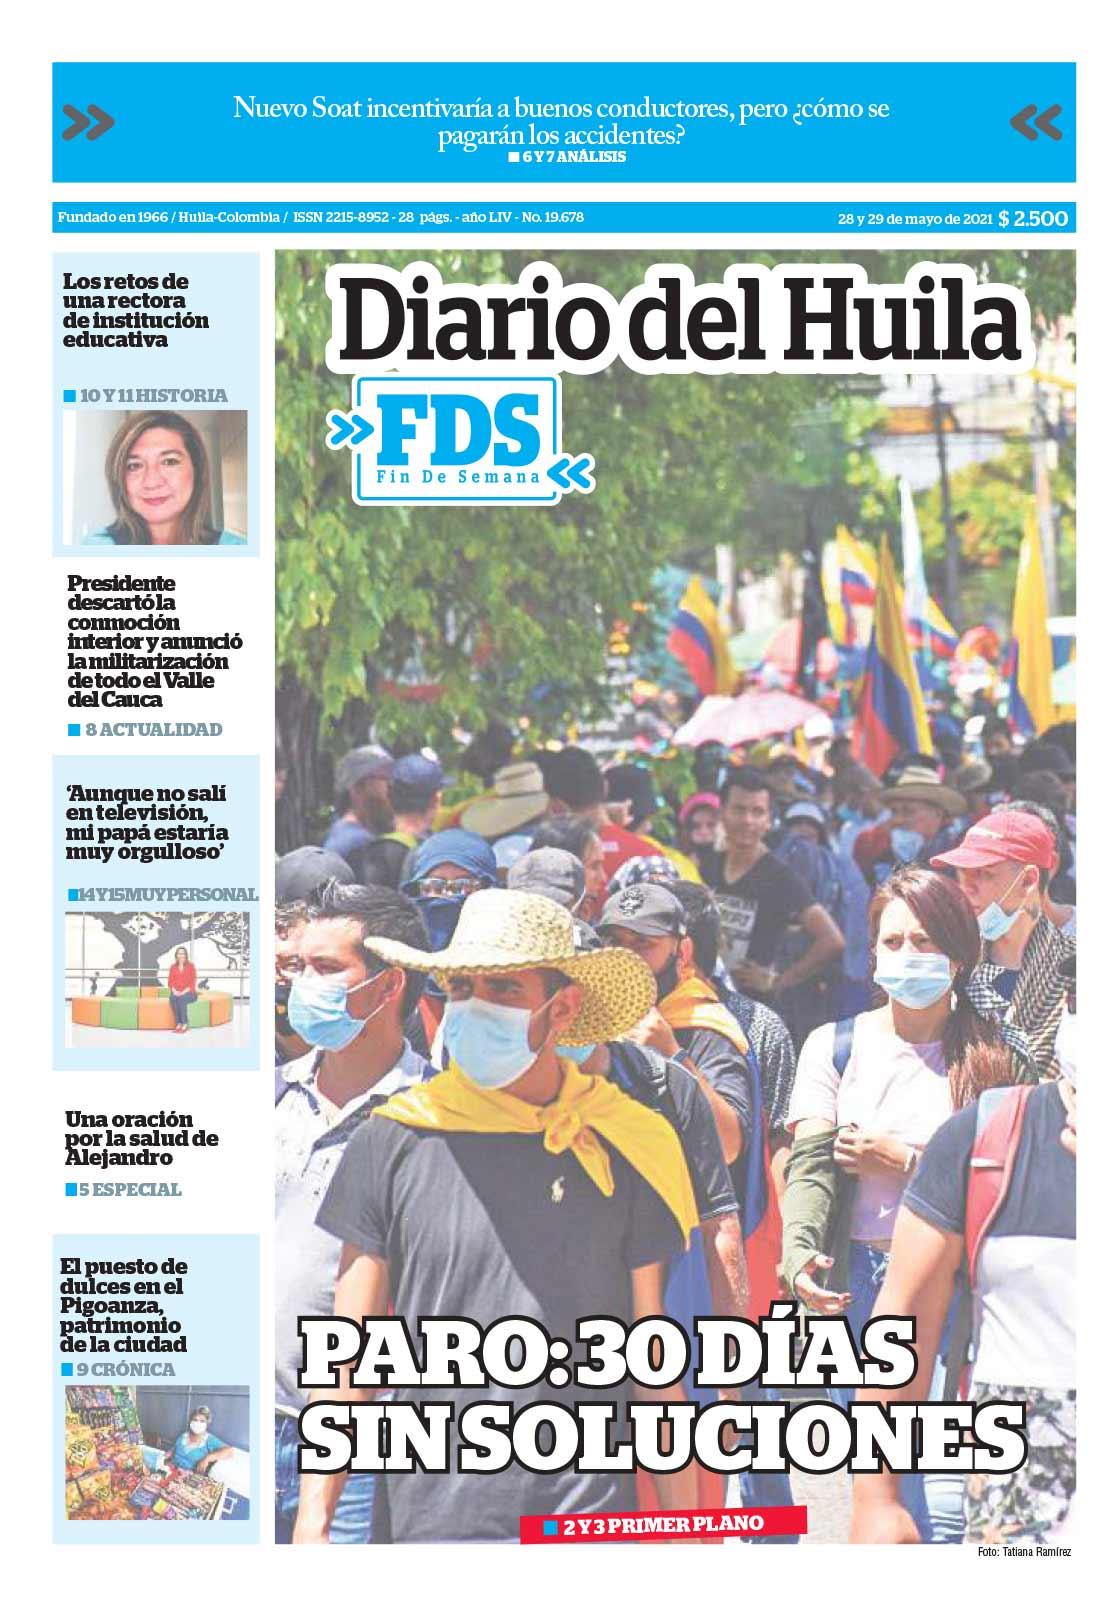 Diario del Huila 29-30 de mayo de 2021